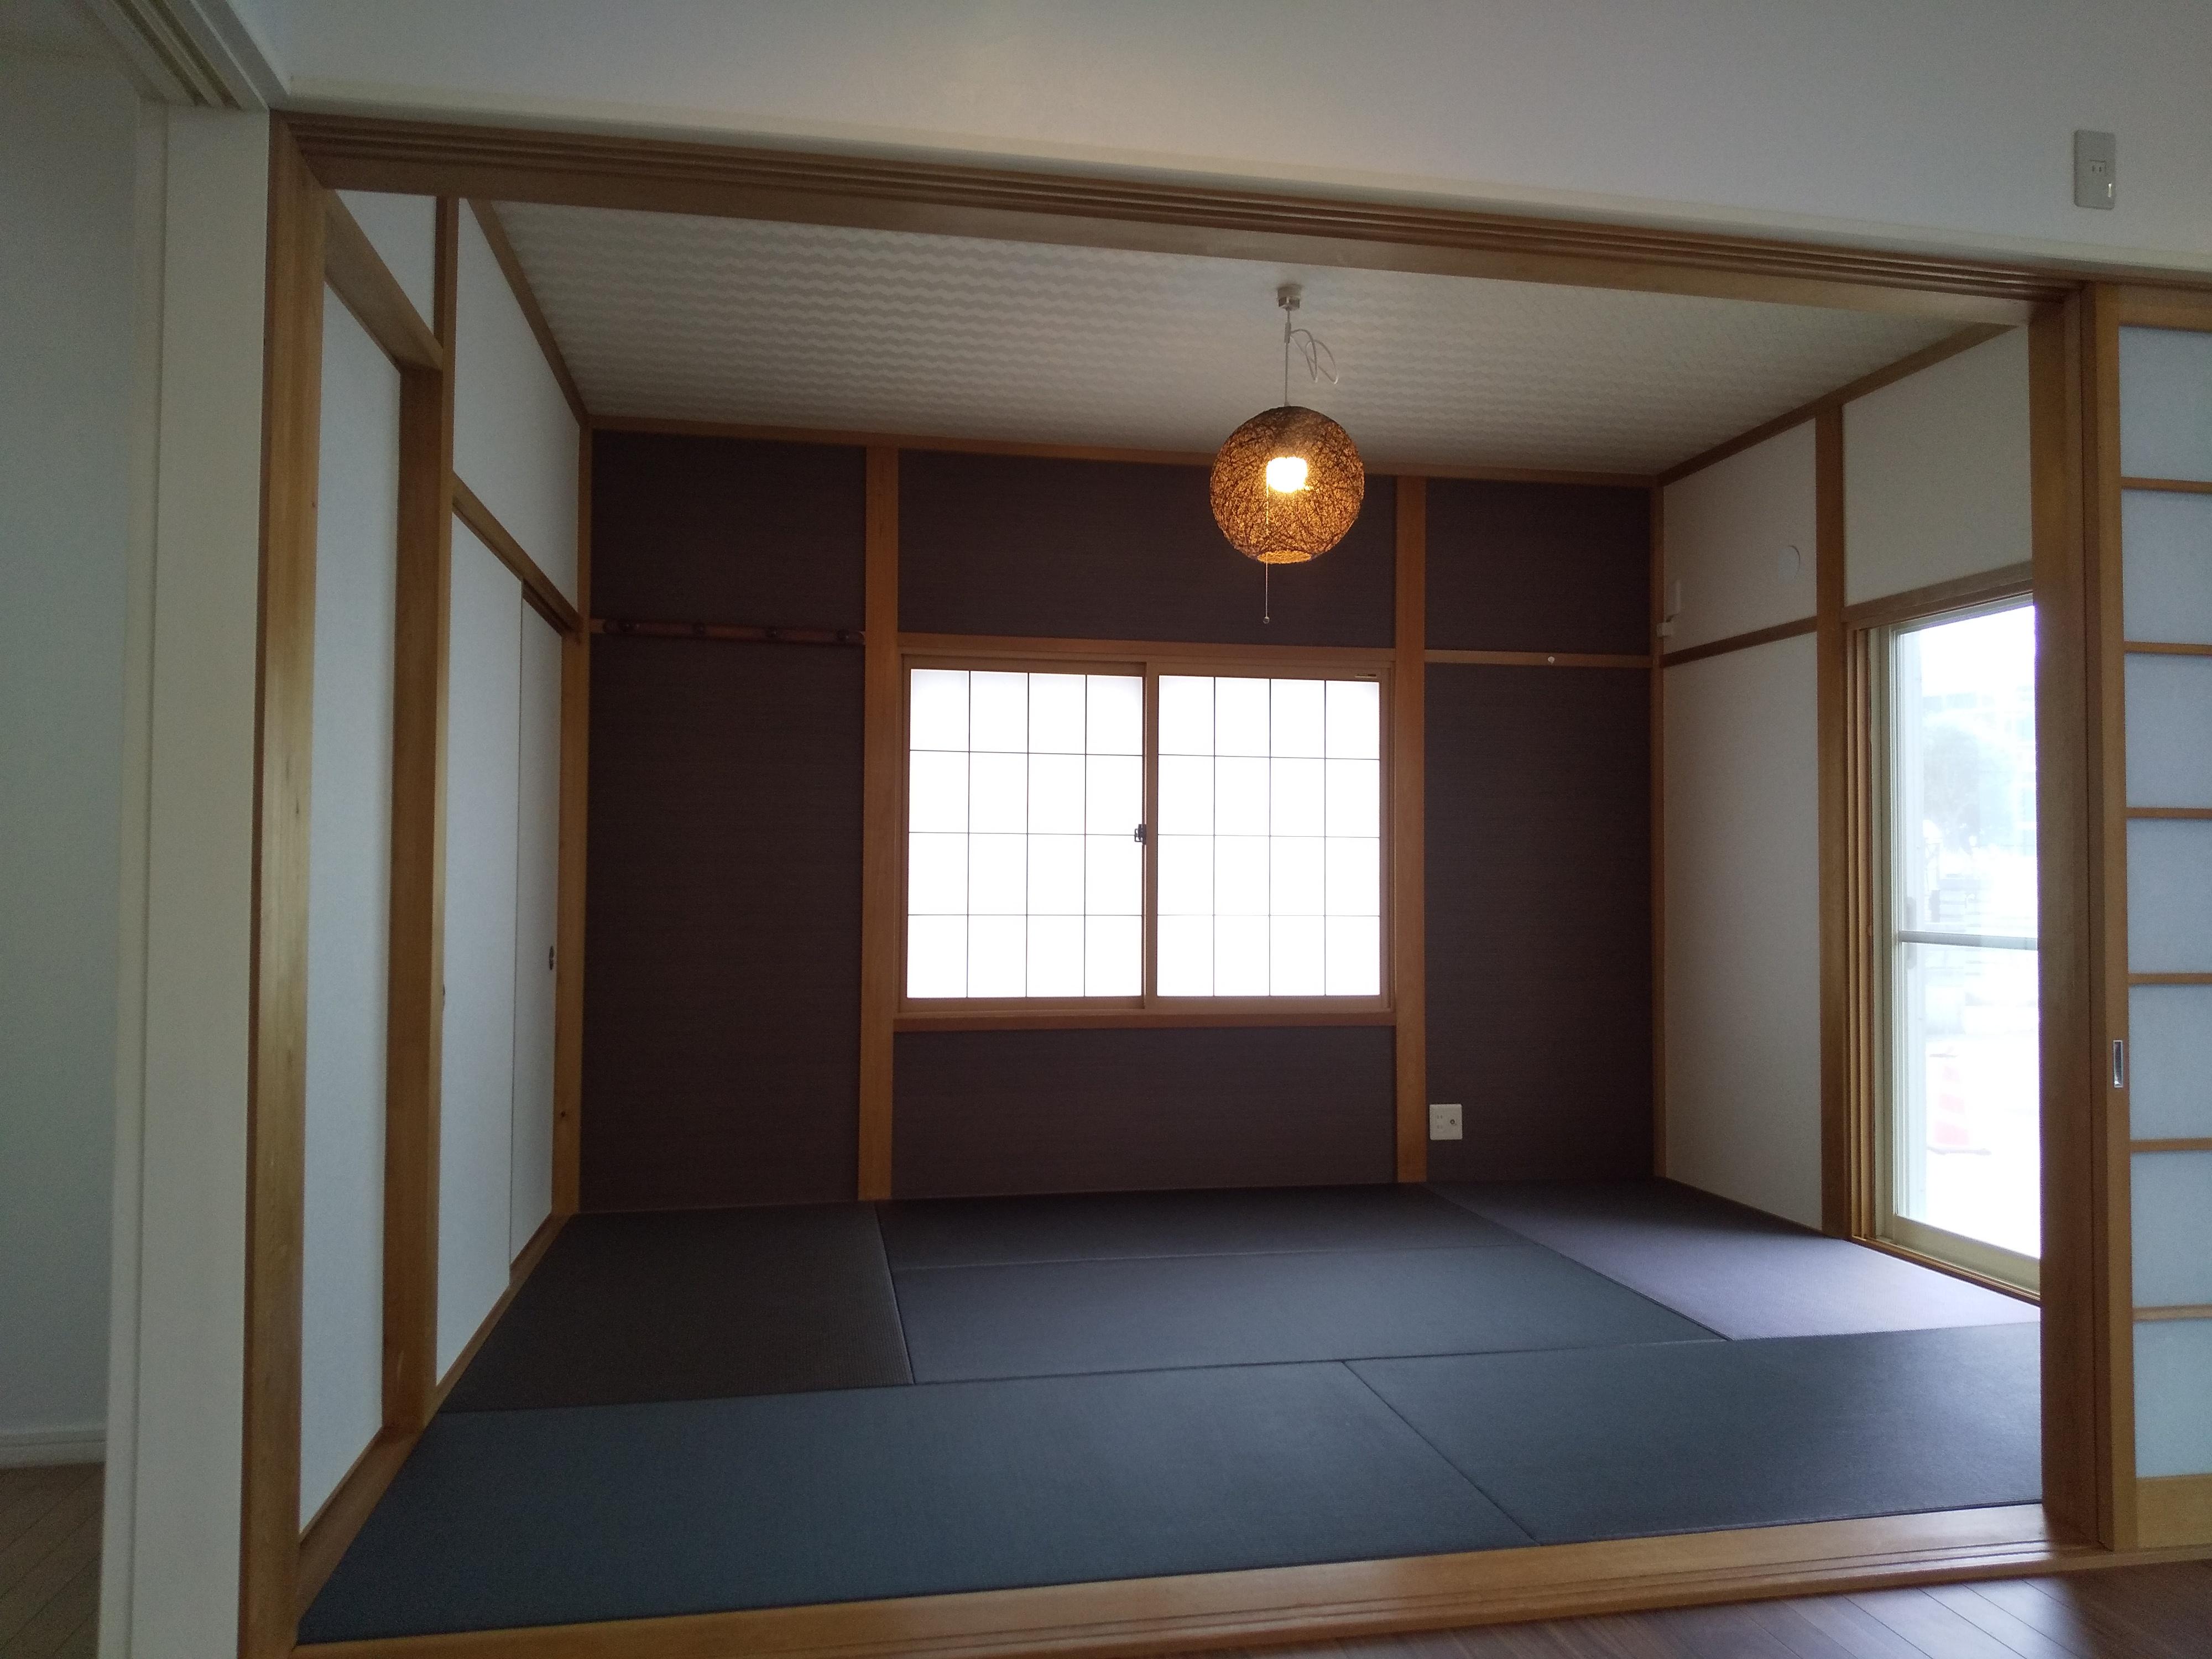 和室完成 壁貼り替え、畳入れ替え